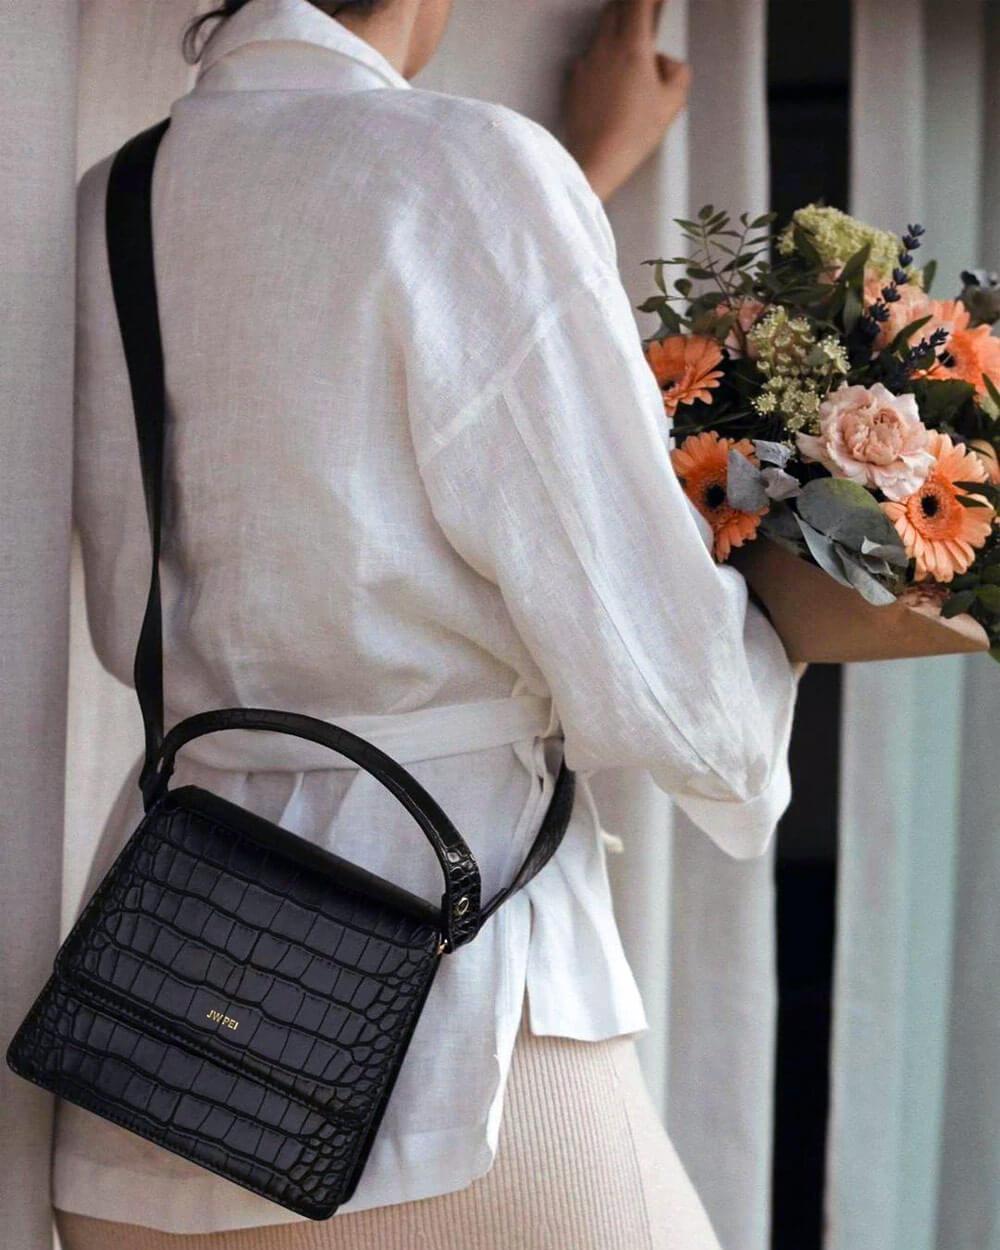 JW PEI vegan leather handbags